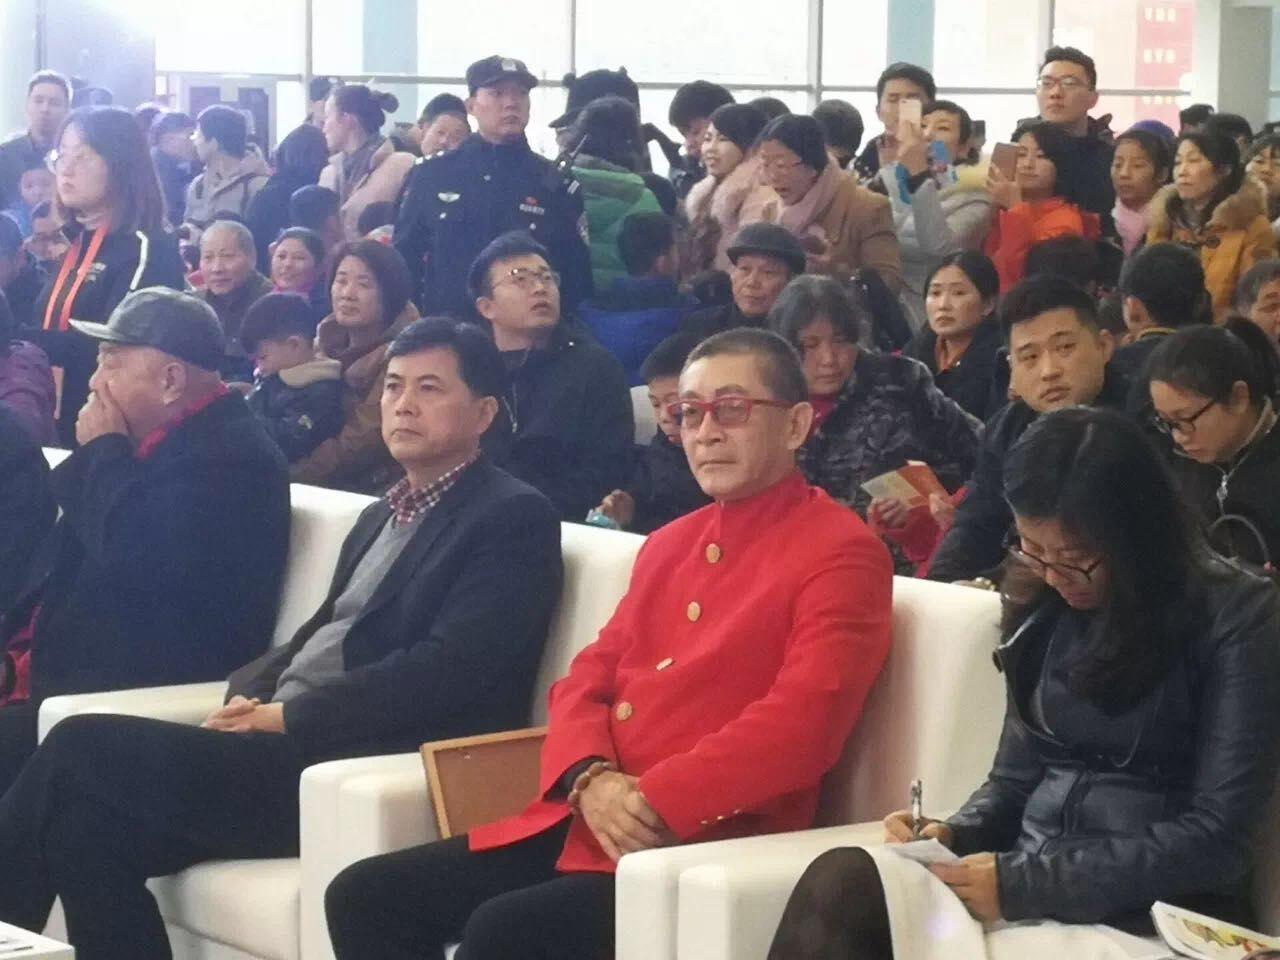 [资讯]三国杀国际化新篇章  日本安徽双展大成功